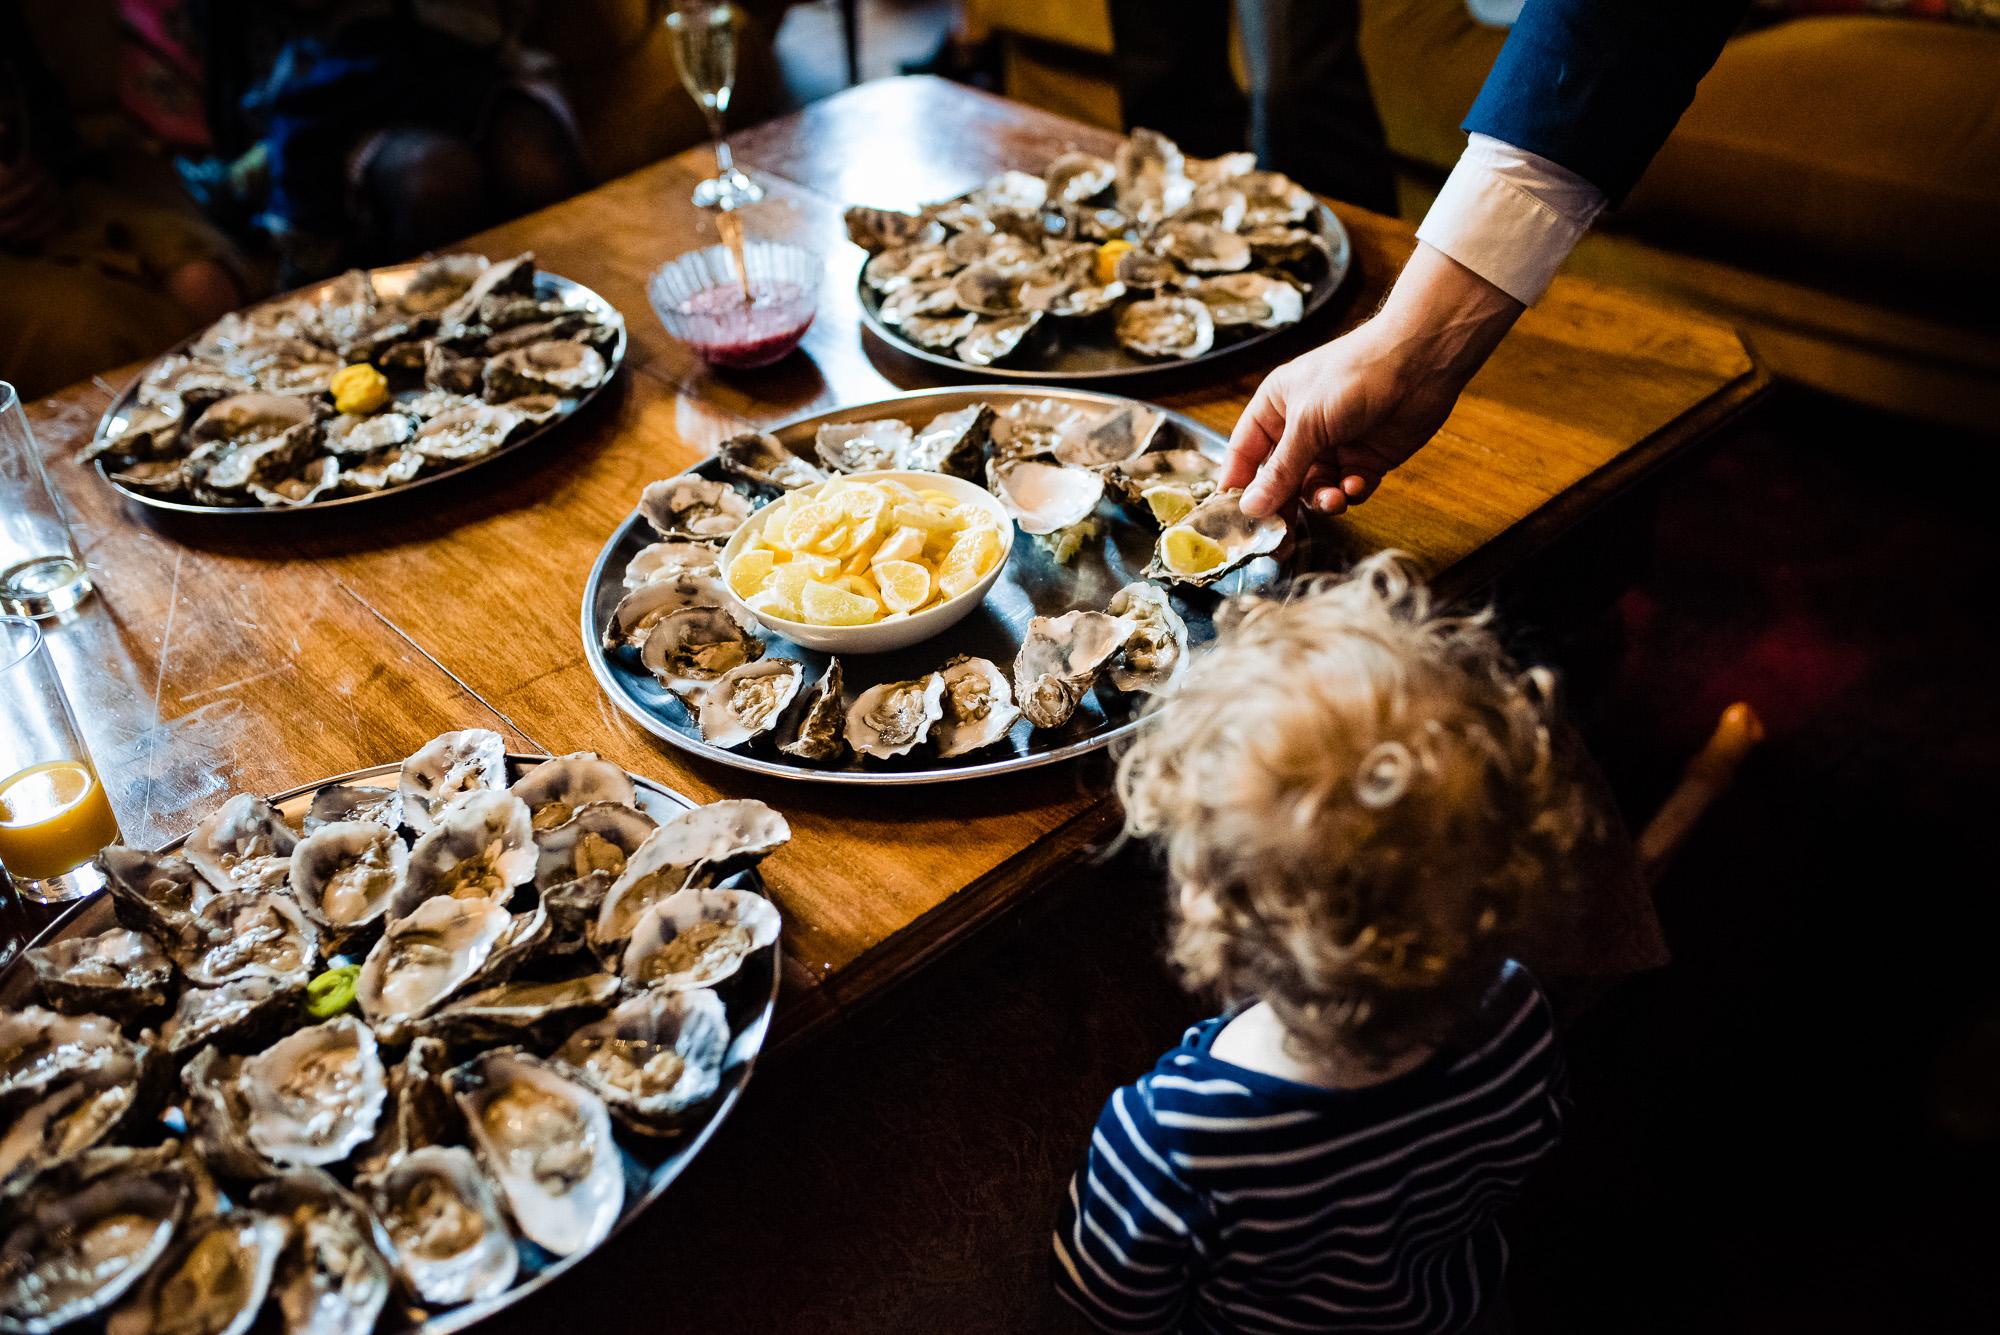 Oysters at a Huntsham Court wedding reception